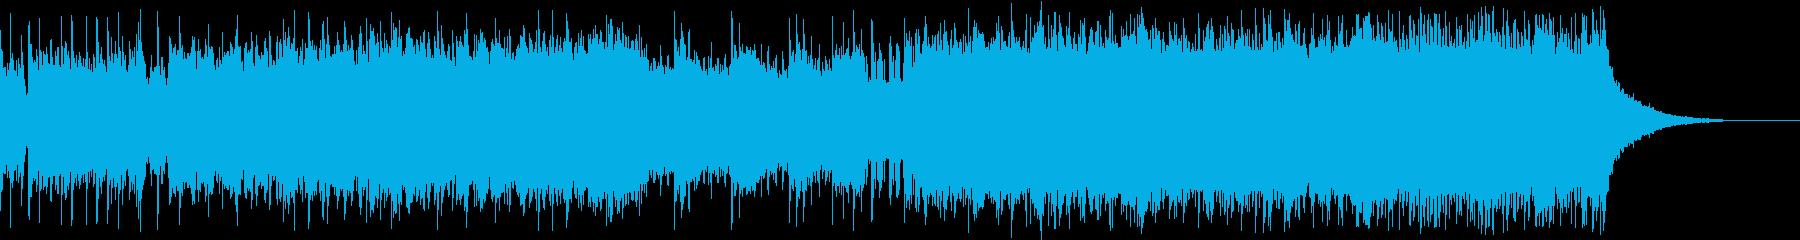 ハードロック+バイオリンのバトル曲の再生済みの波形